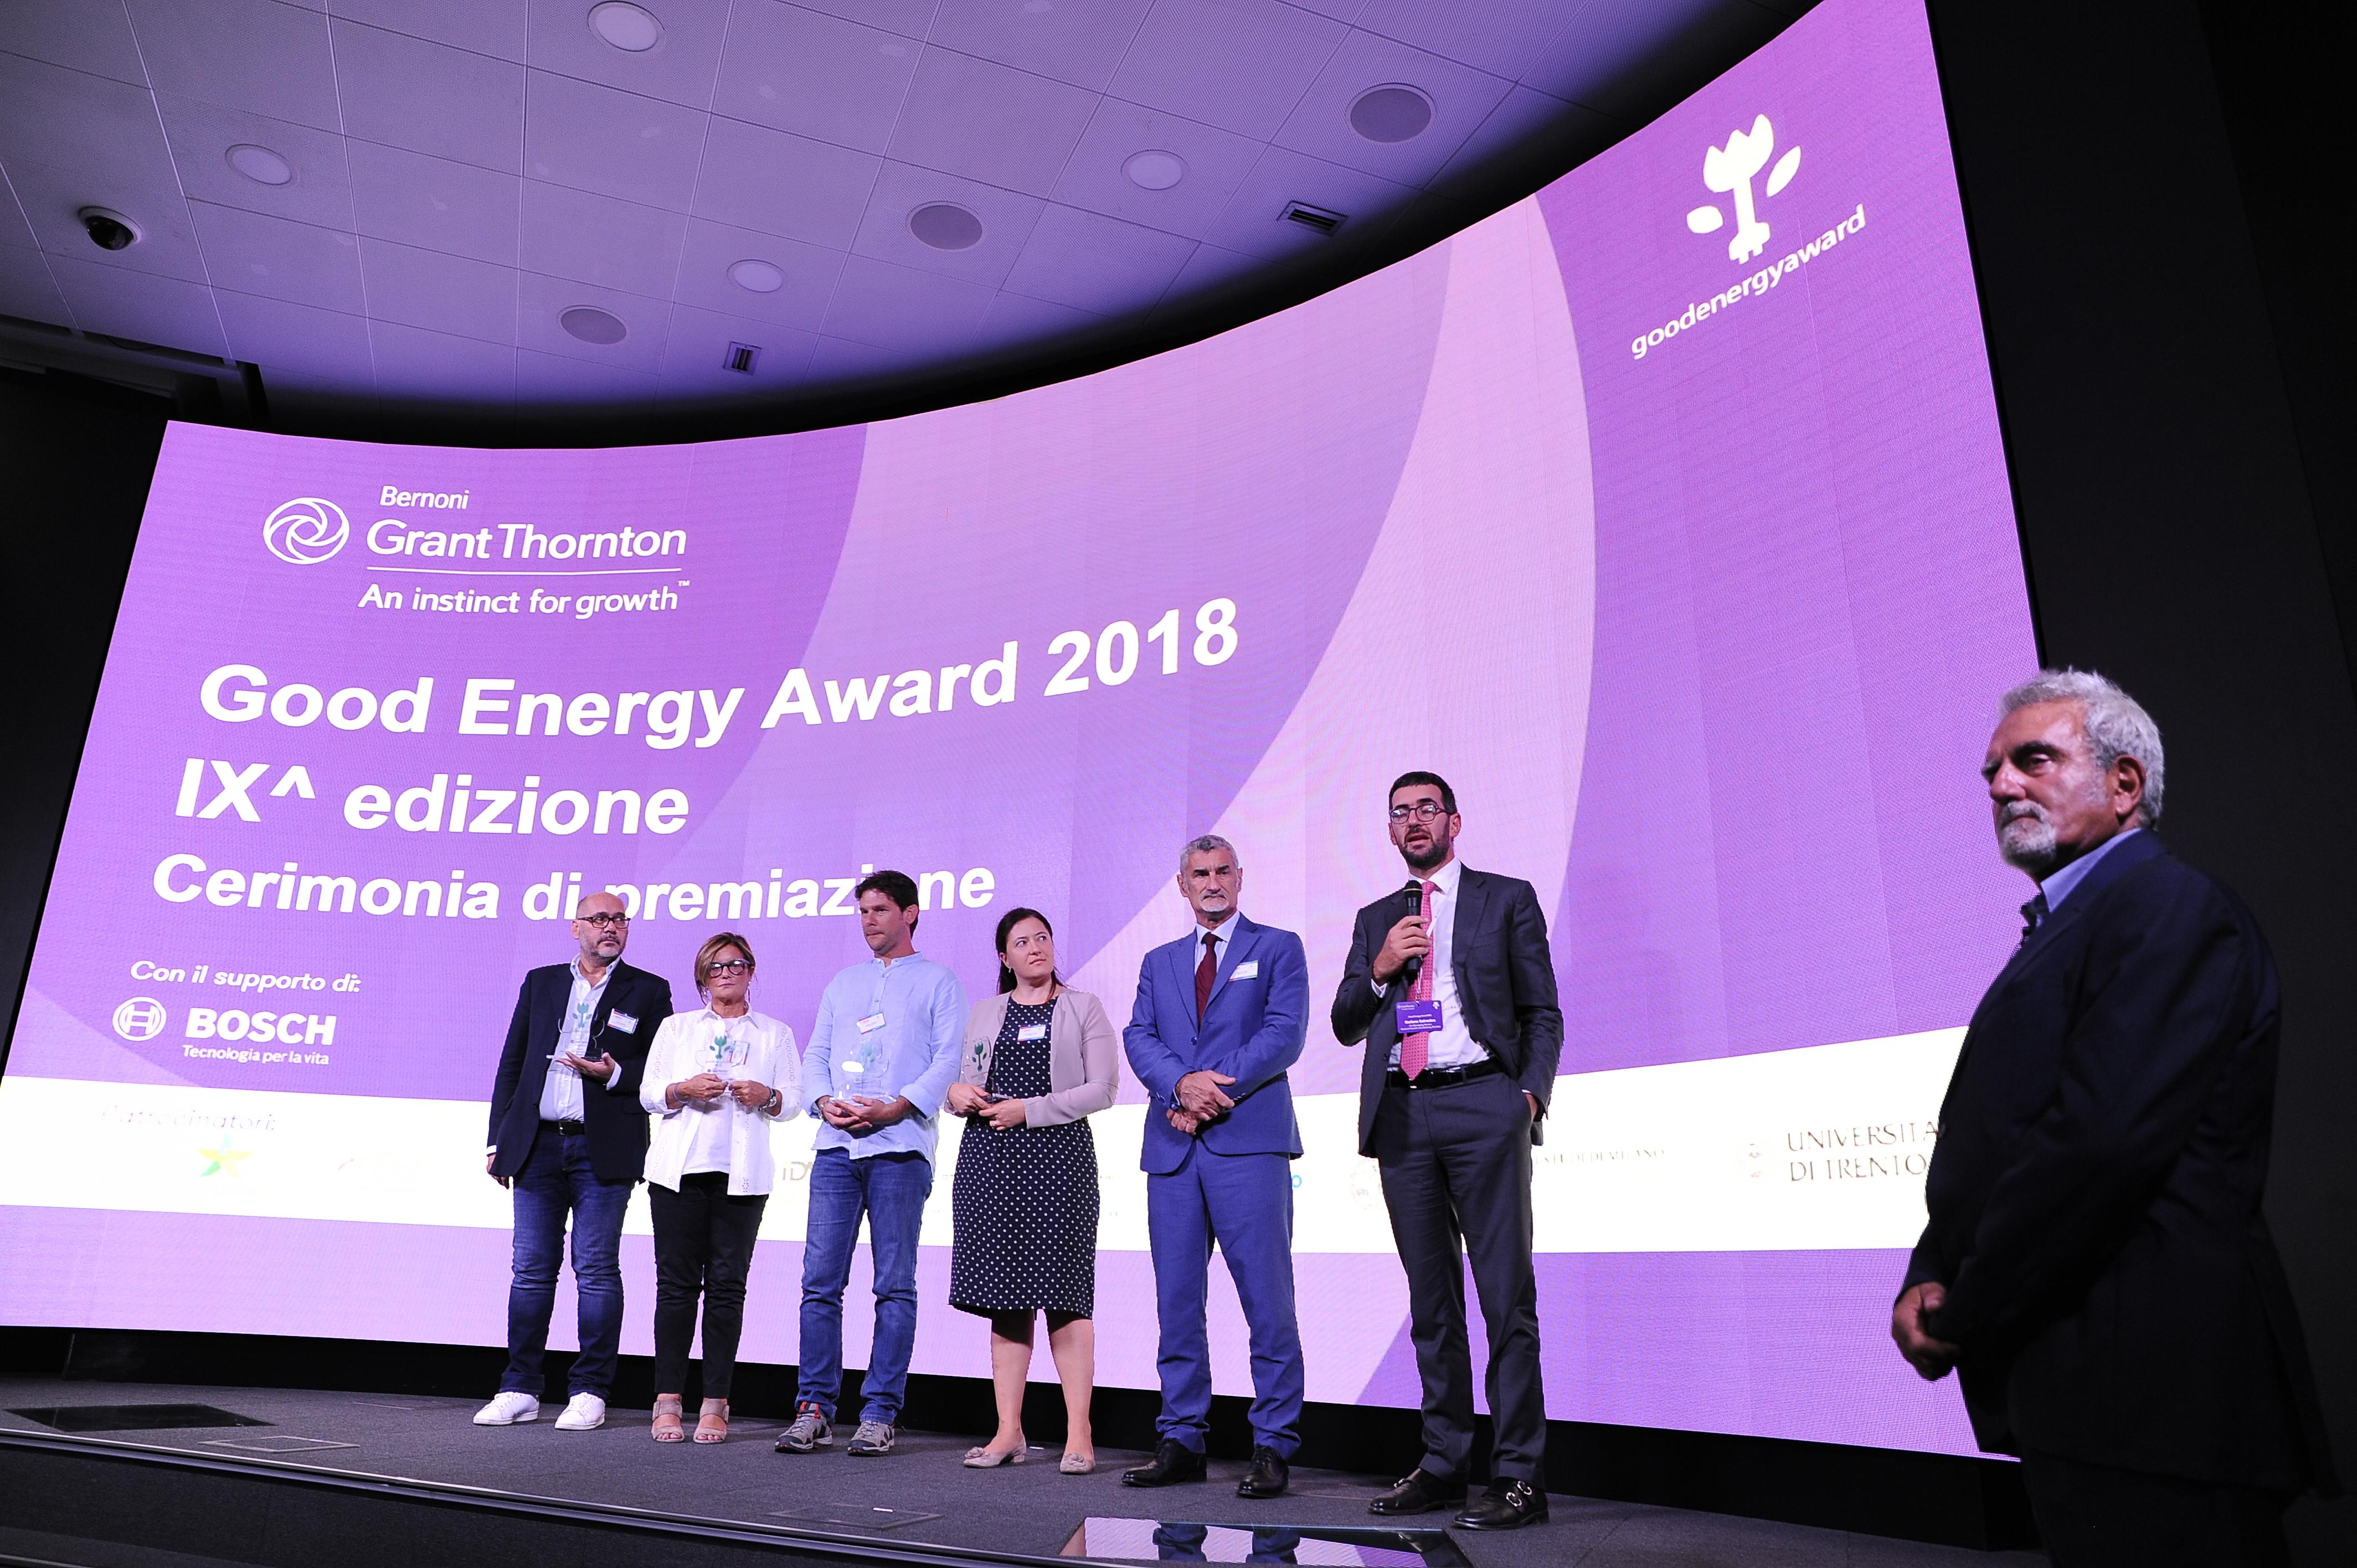 Good Energy Award 2018